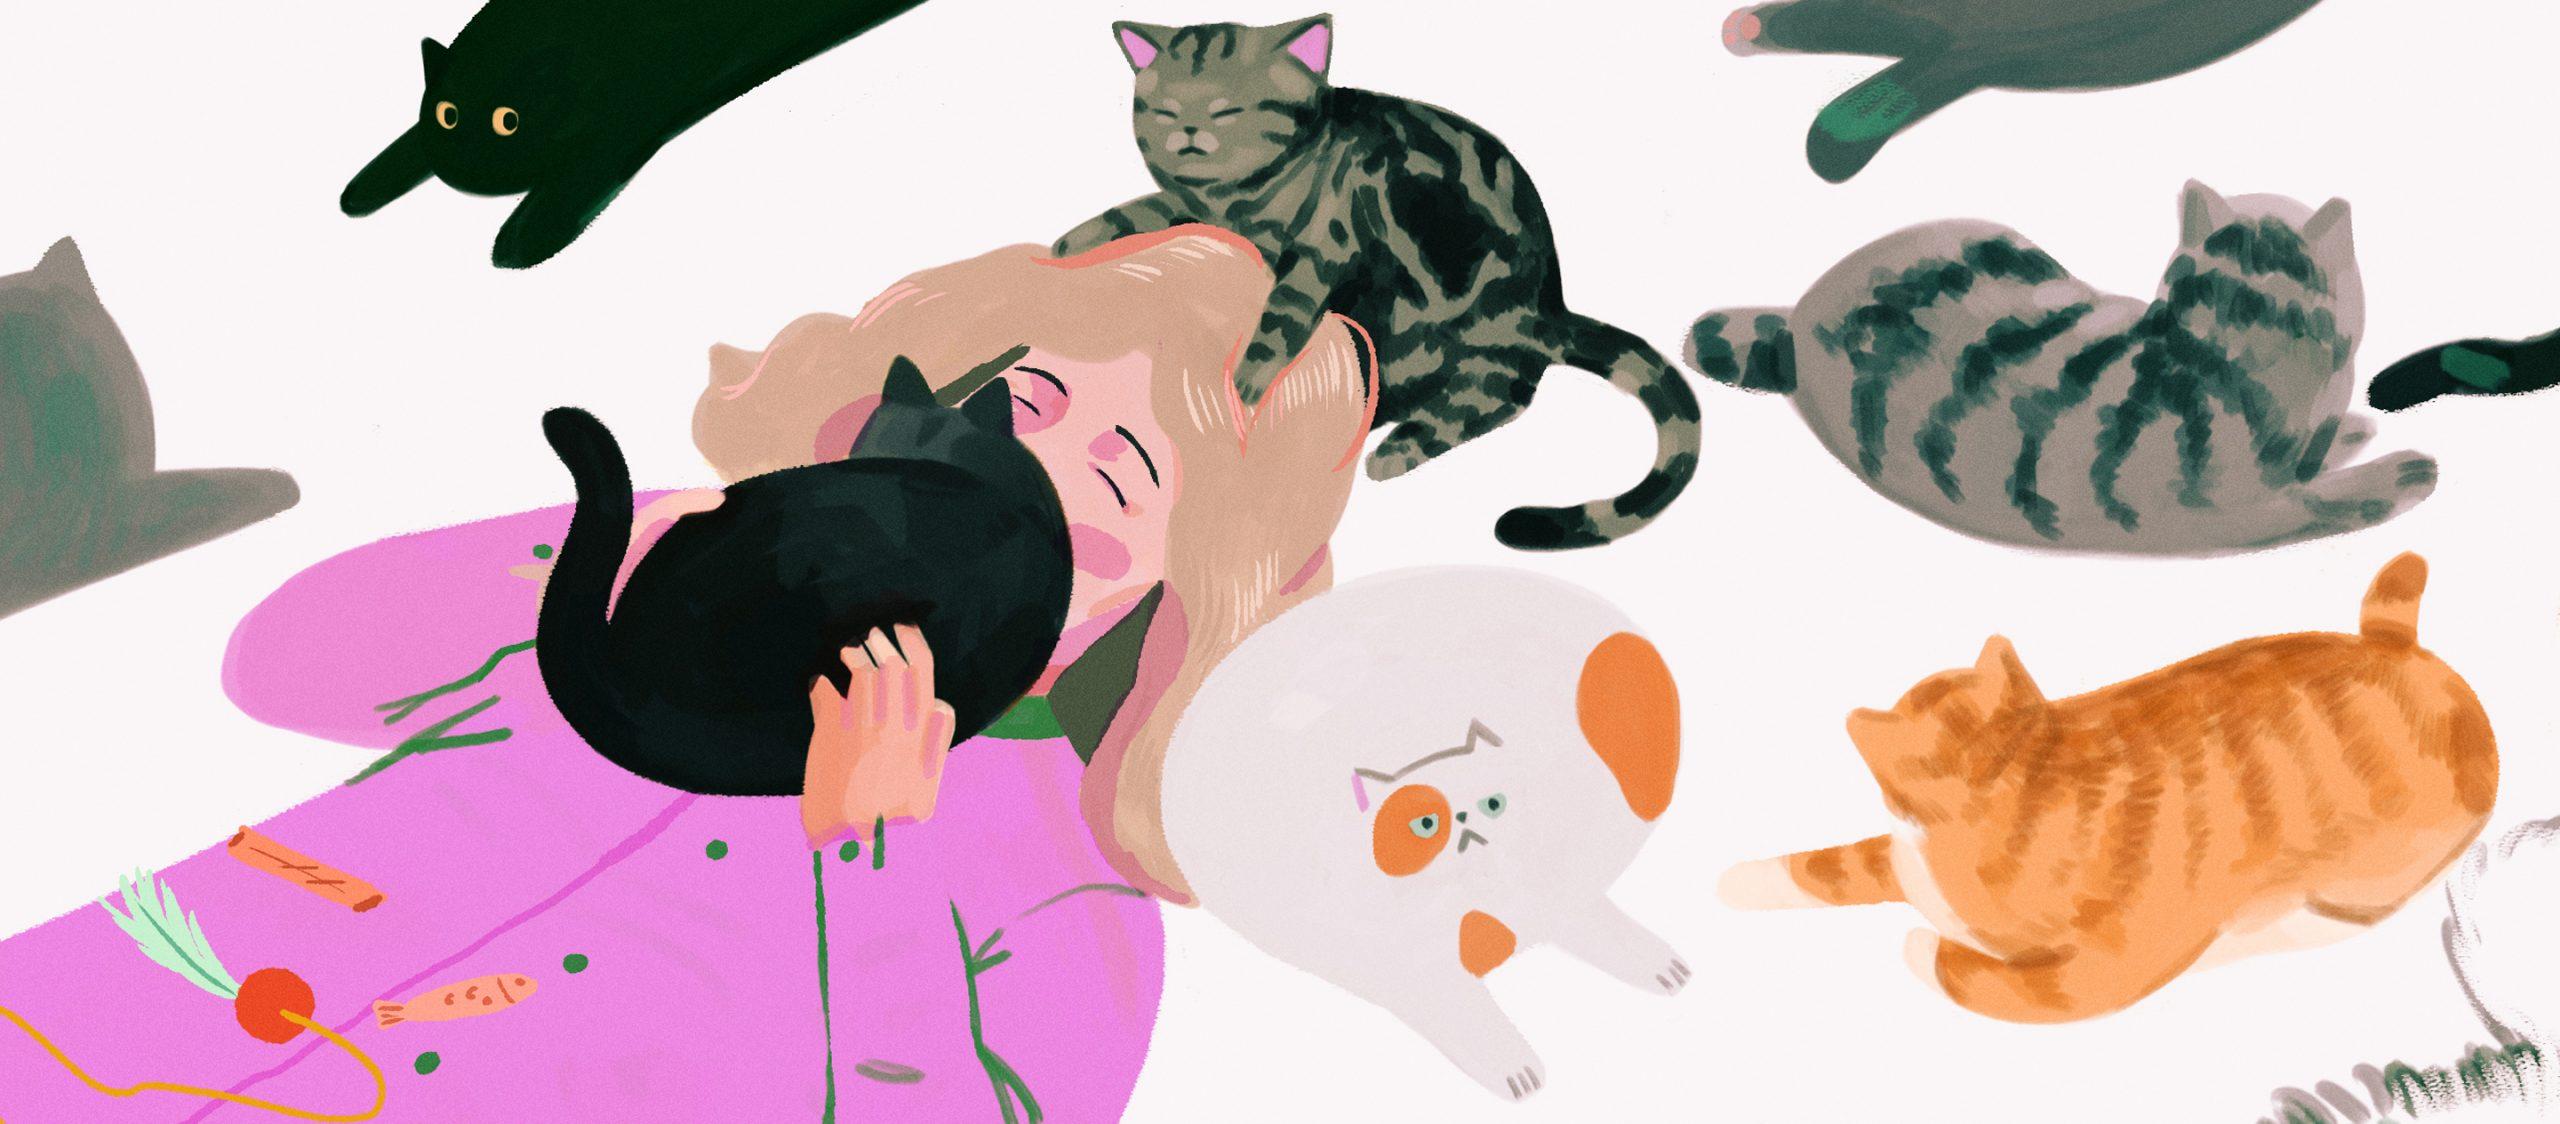 cat therapist แมวสายเอนฯ ผู้รับบทเป็นนักบำบัดจิตใจมืออาชีพในญี่ปุ่น